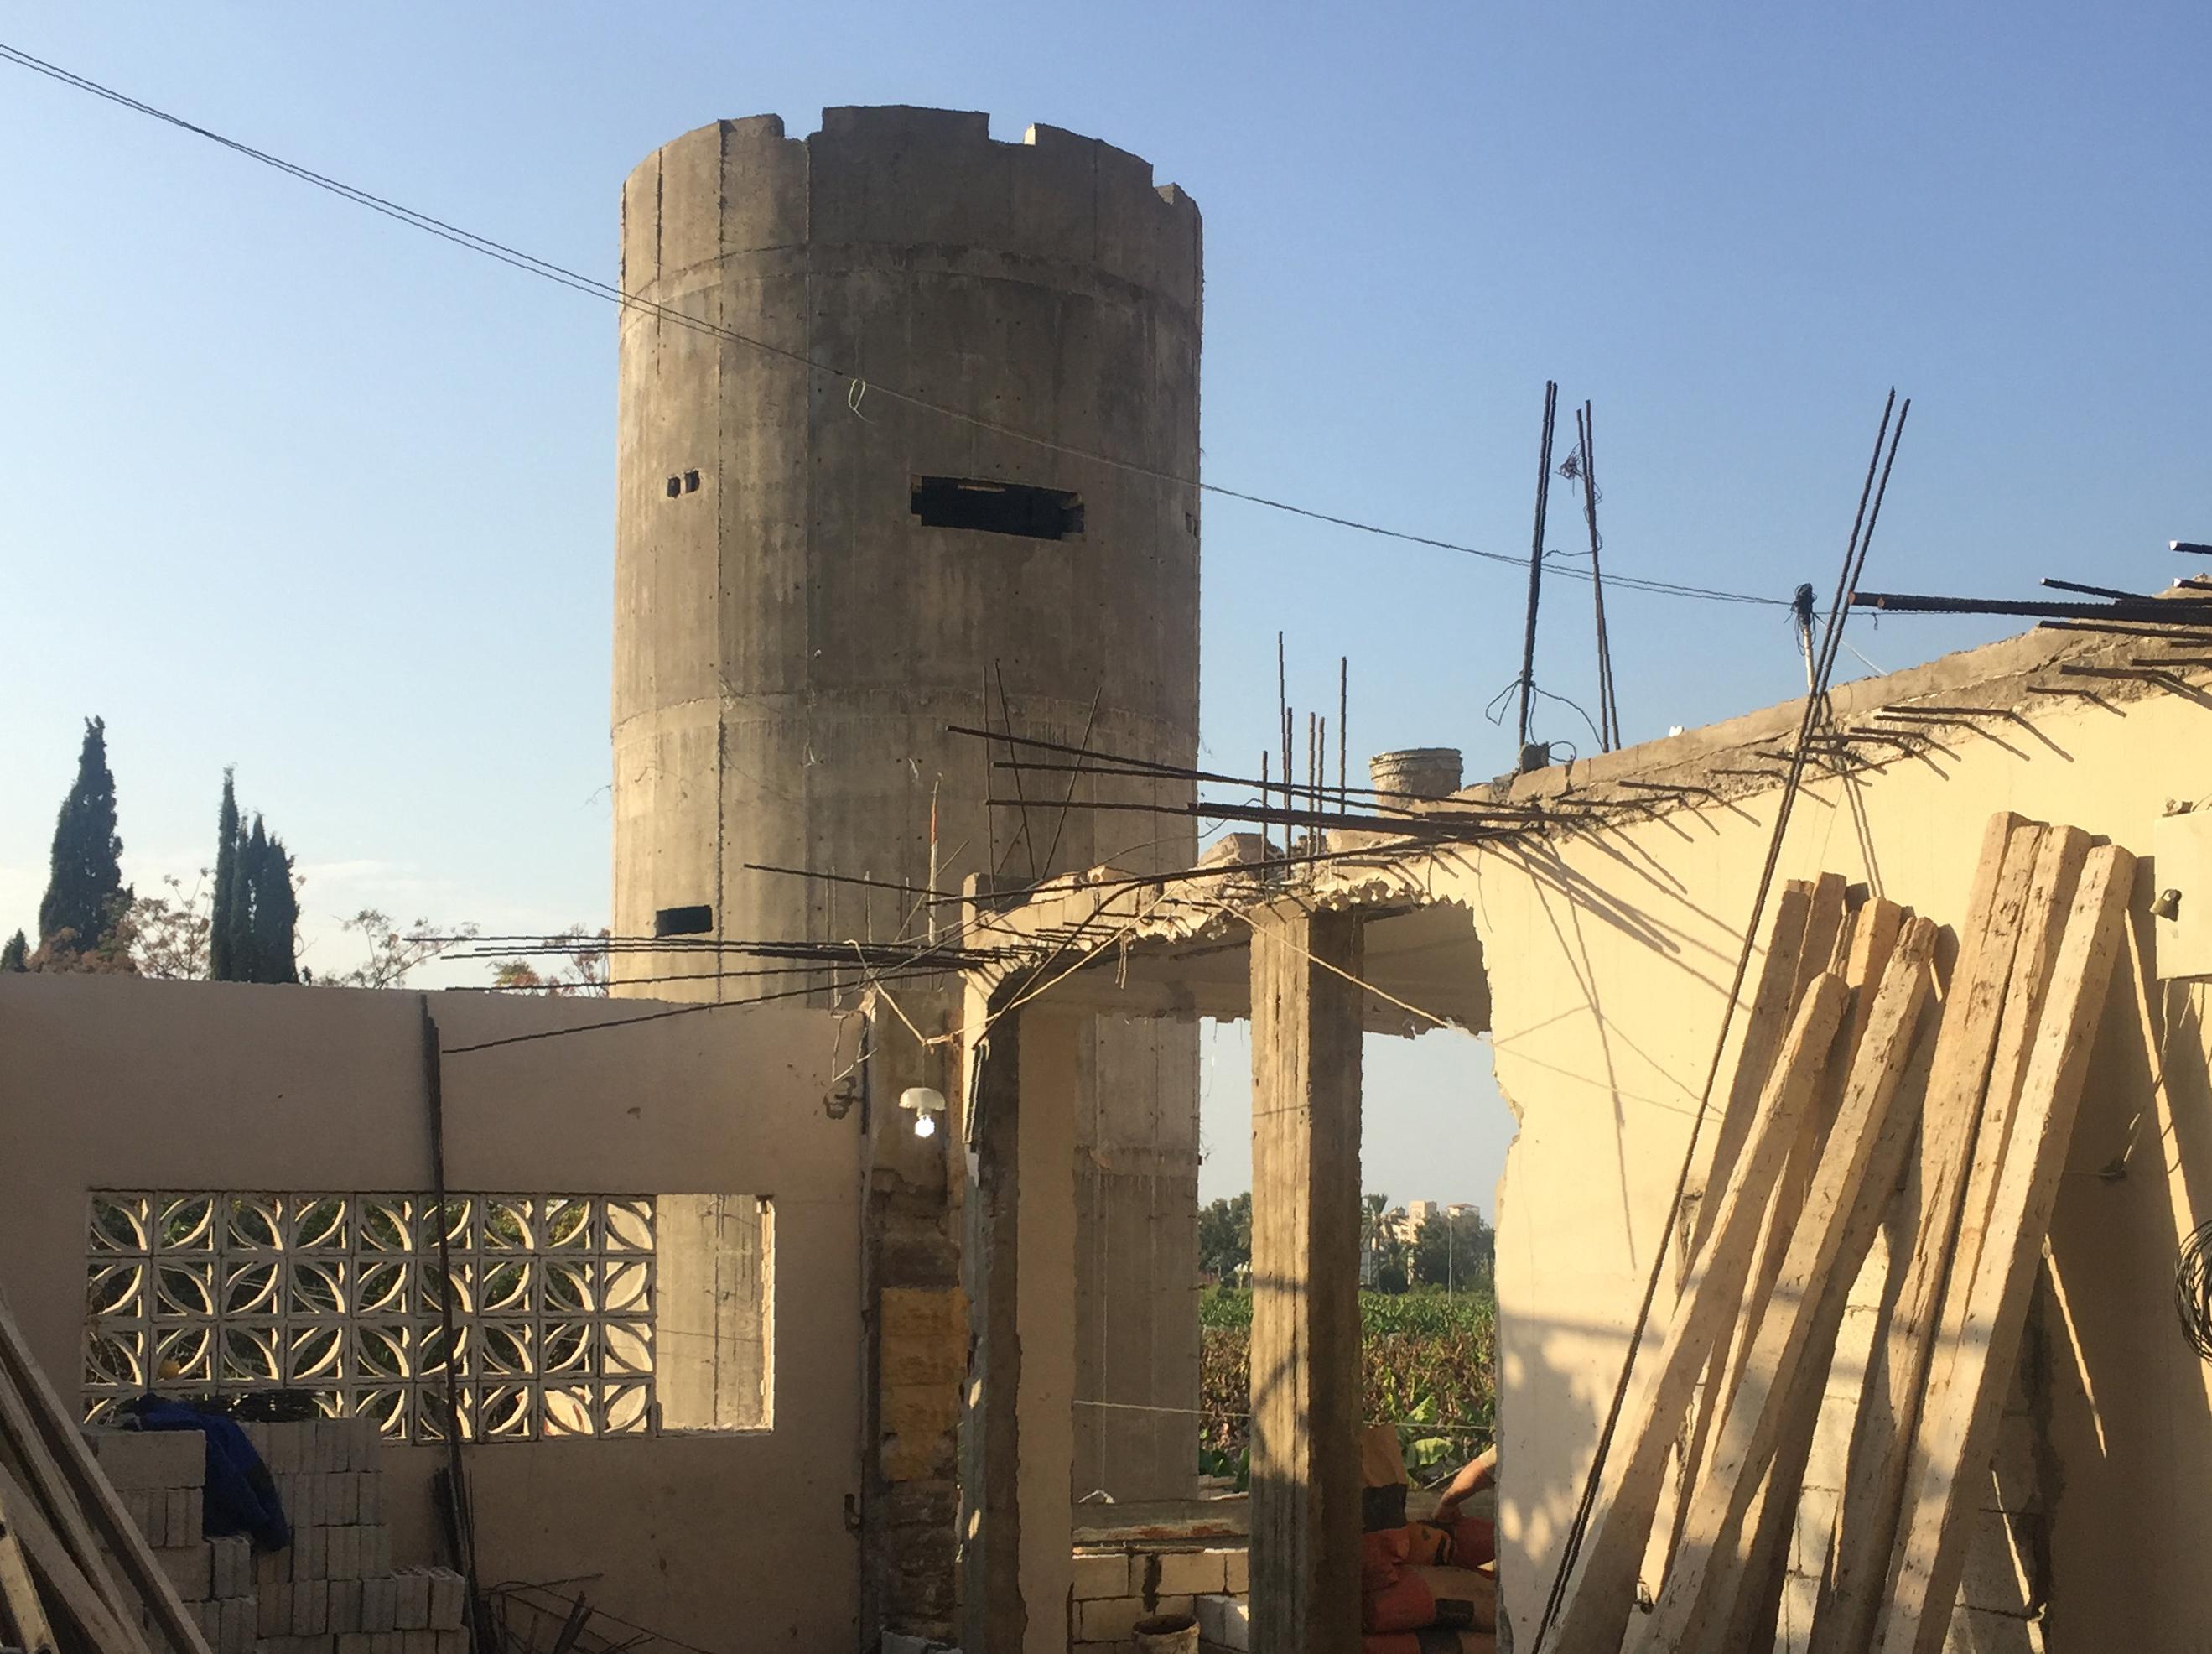 Libanul ridica un zid din beton pentru a se